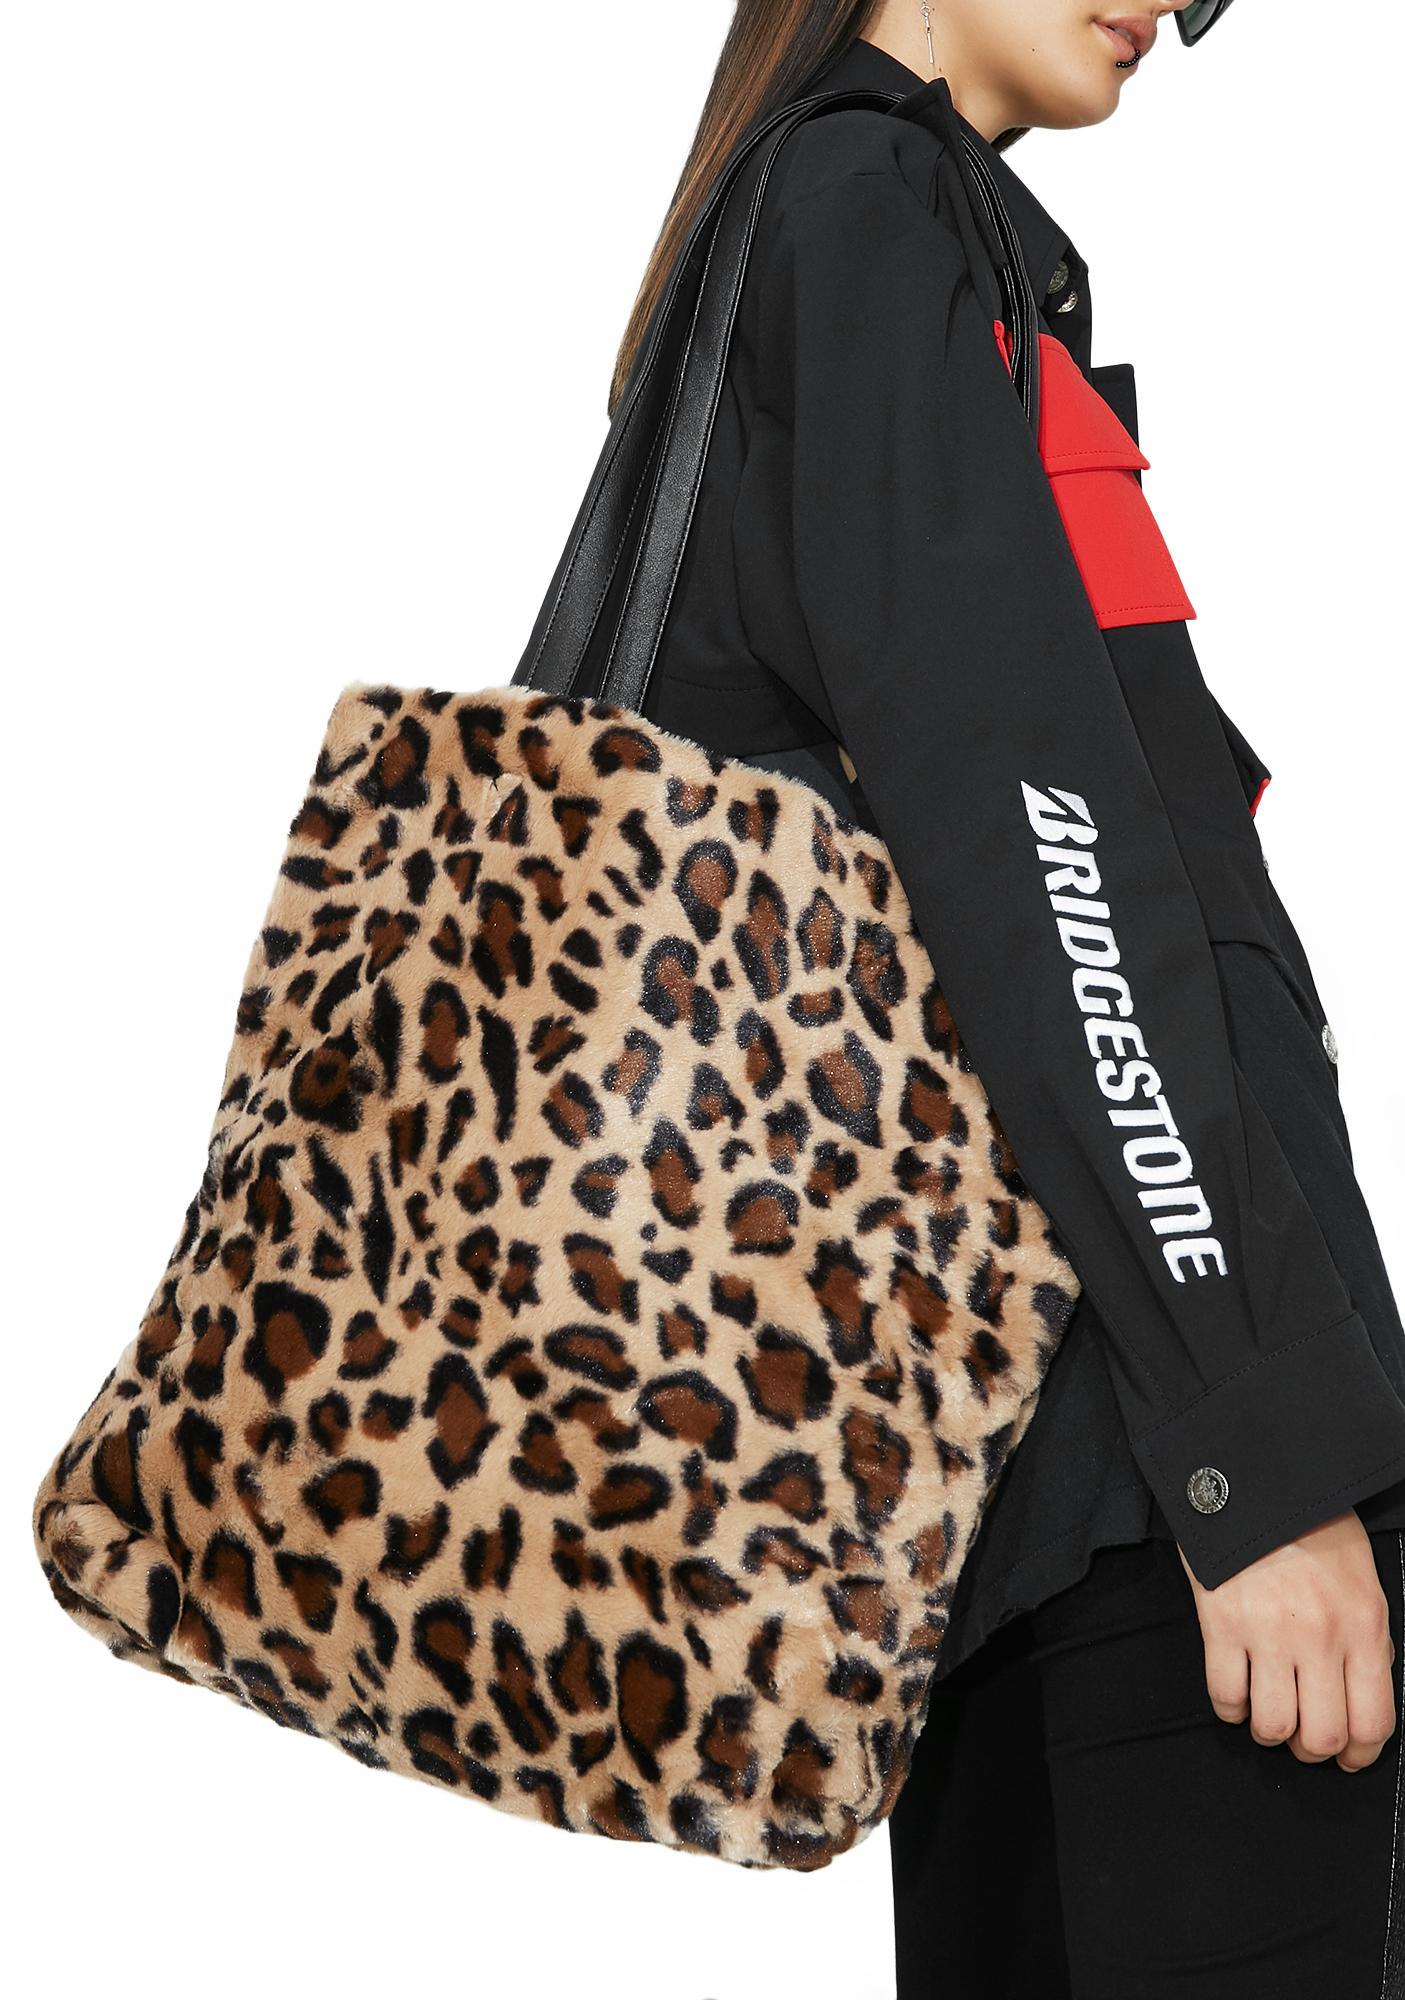 Leopard Printed Faux Fur Bag   Dolls Kill 5cb4983230